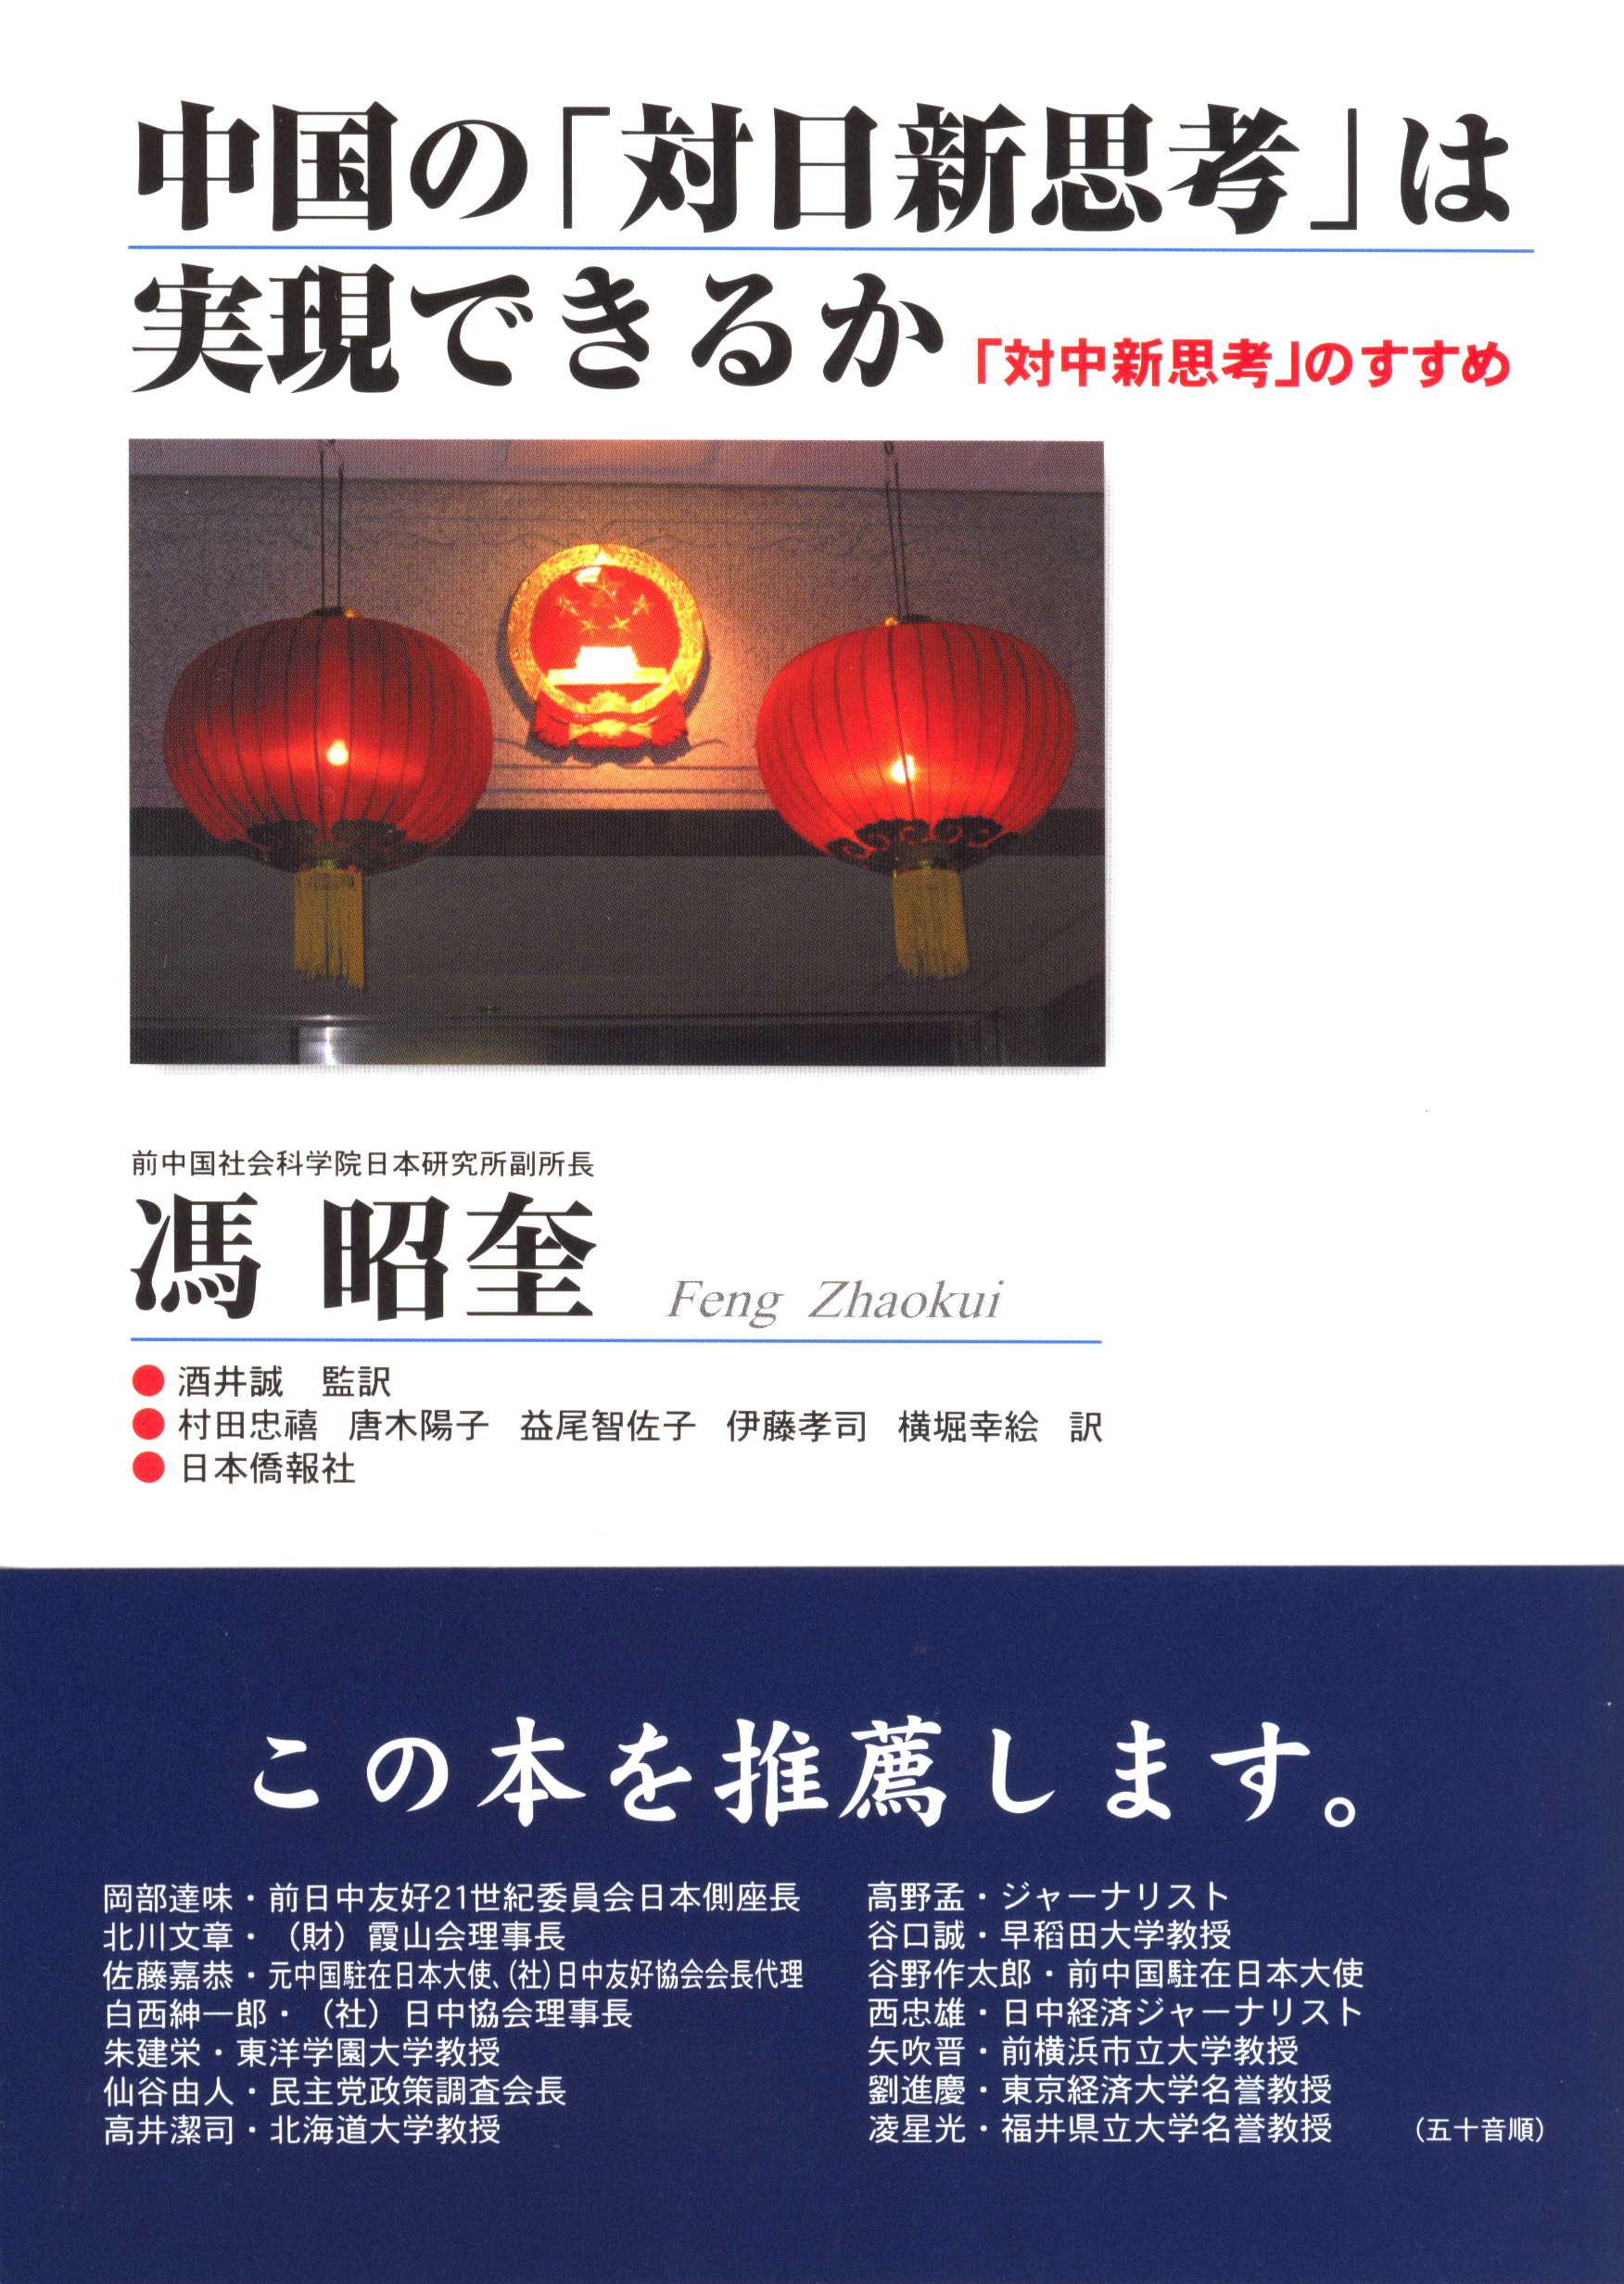 馮昭奎氏の新著《中日関係問題報告》、香港の出版社から刊行_d0027795_834591.jpg